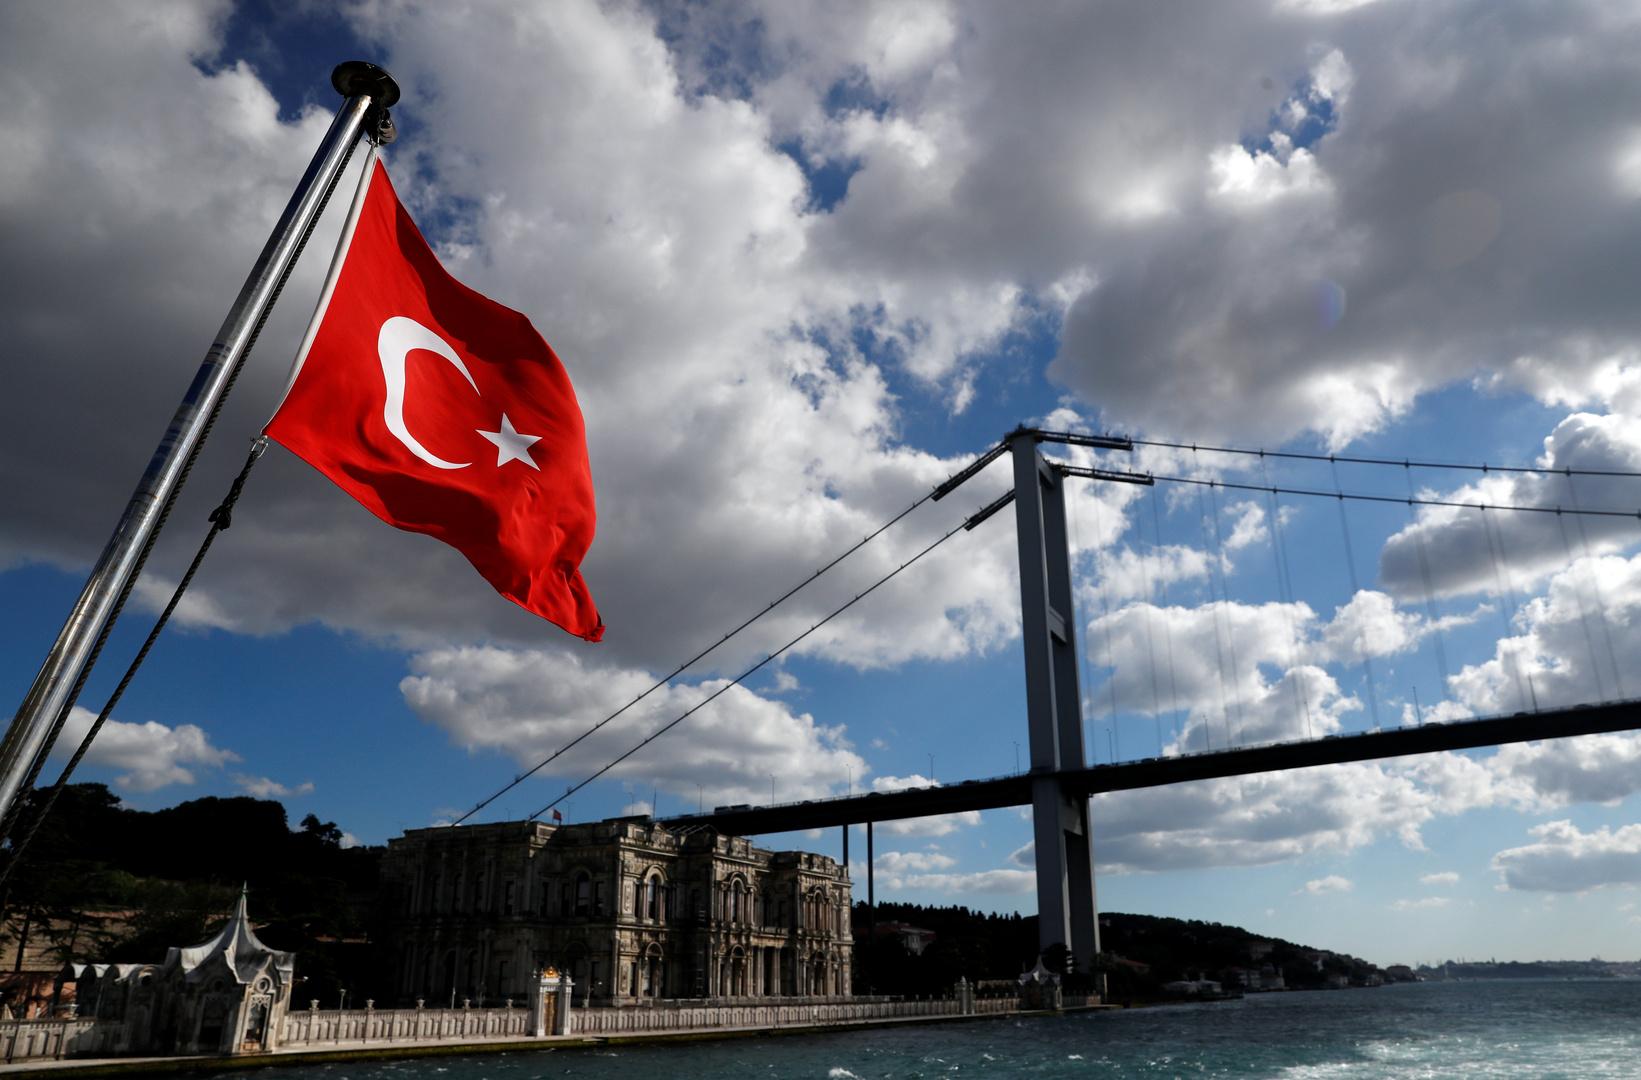 تركيا.. وفيات كورونا تتجاوز الـ10 آلاف ومخاوف من خروج الوضع عن السيطرة